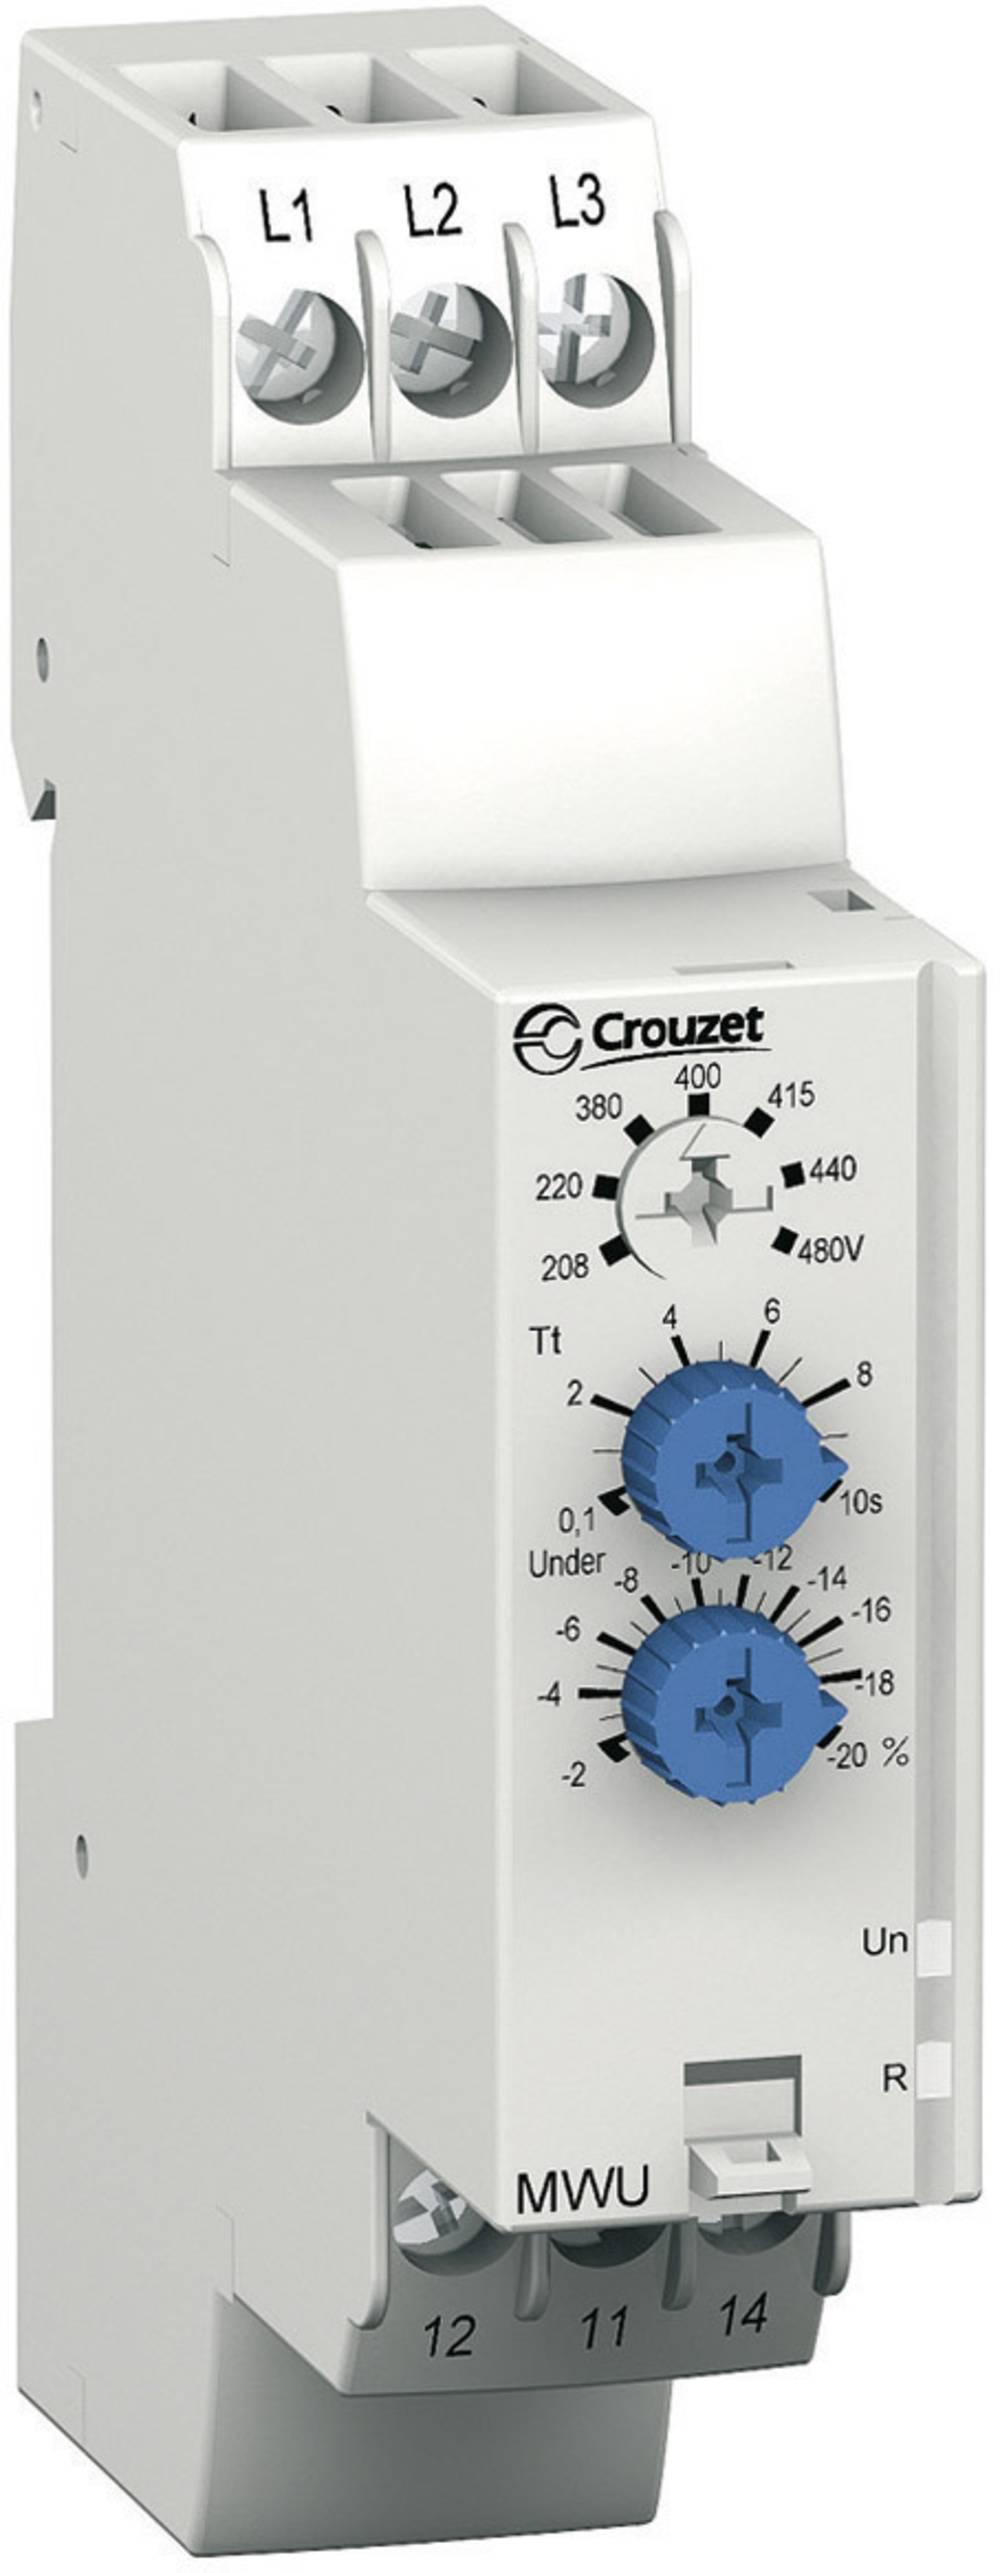 Crouzet-MWU Vešefunkcijski nadzorni relej faza, za 3-fazna omrežja/faze